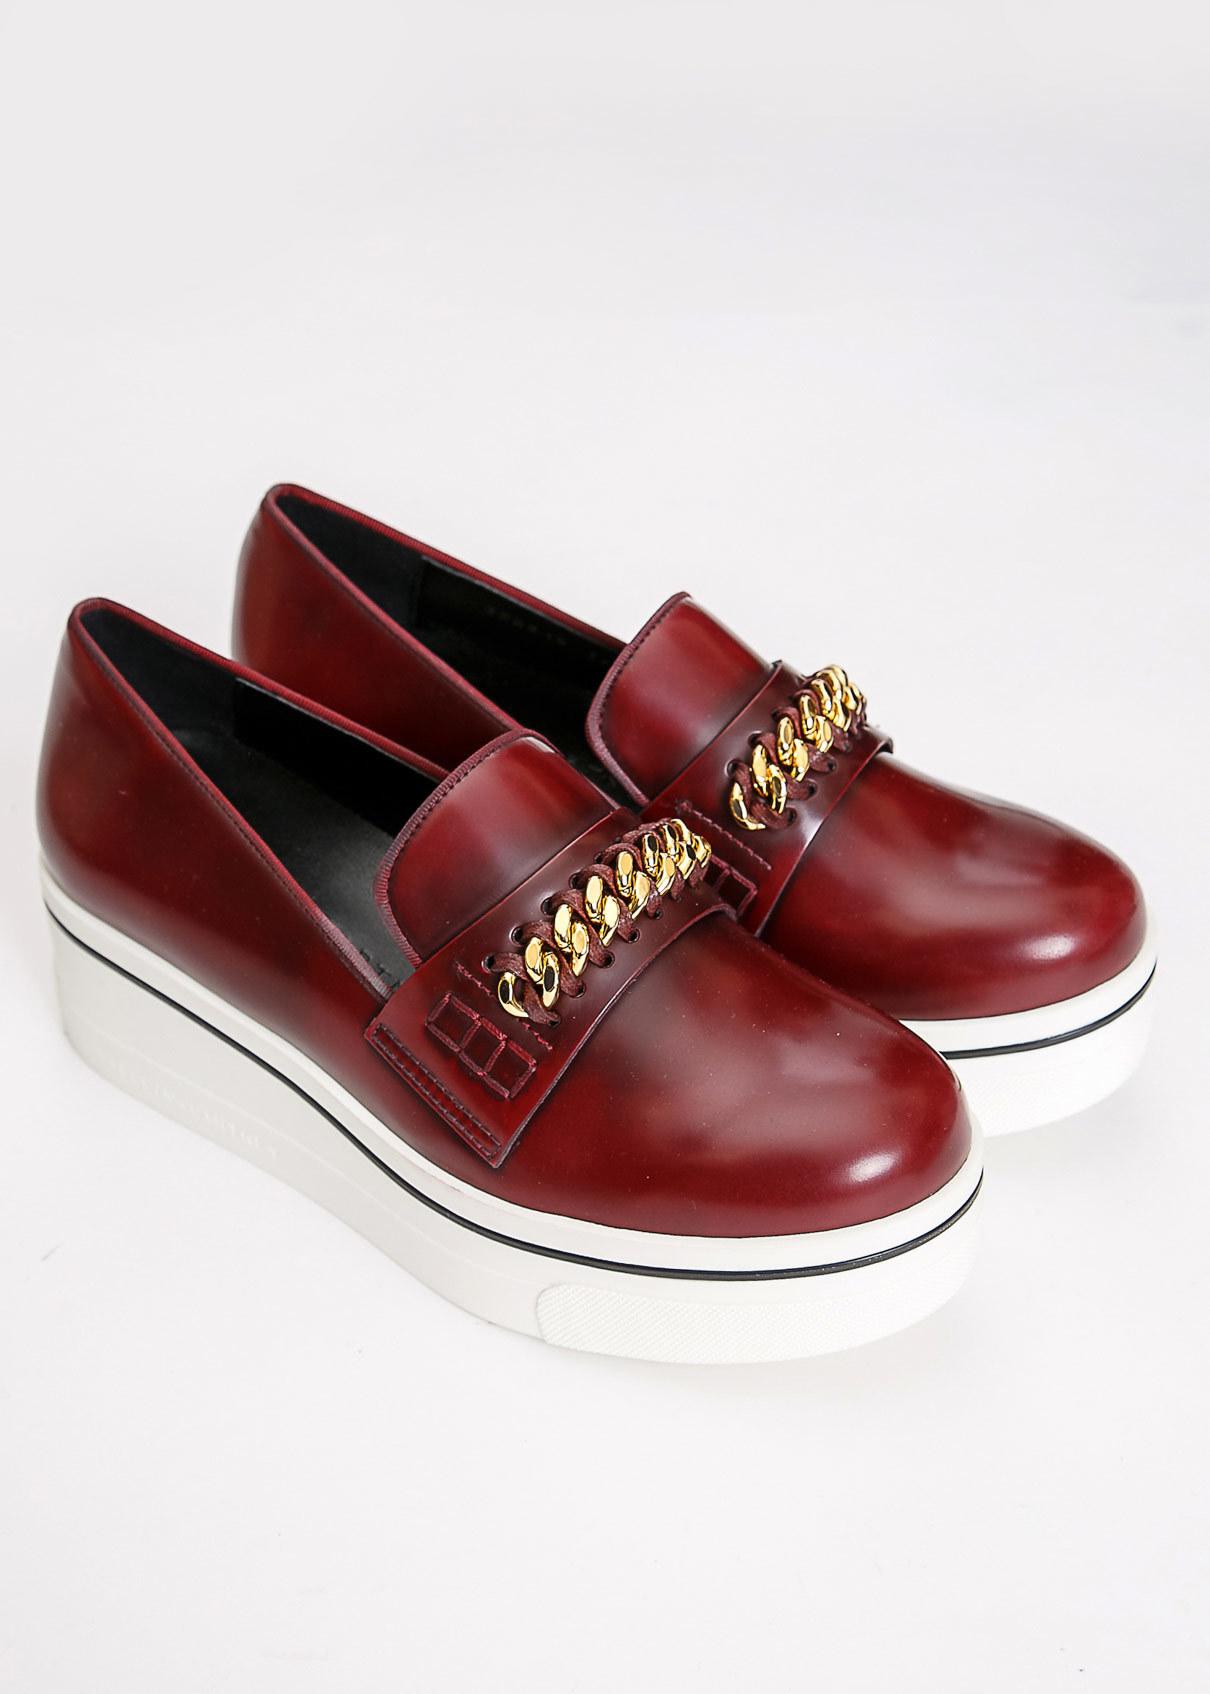 9dc19808c2049e Ботинки STELLA MCCARTNEY - купить официальный оригинал с доставкой в ...